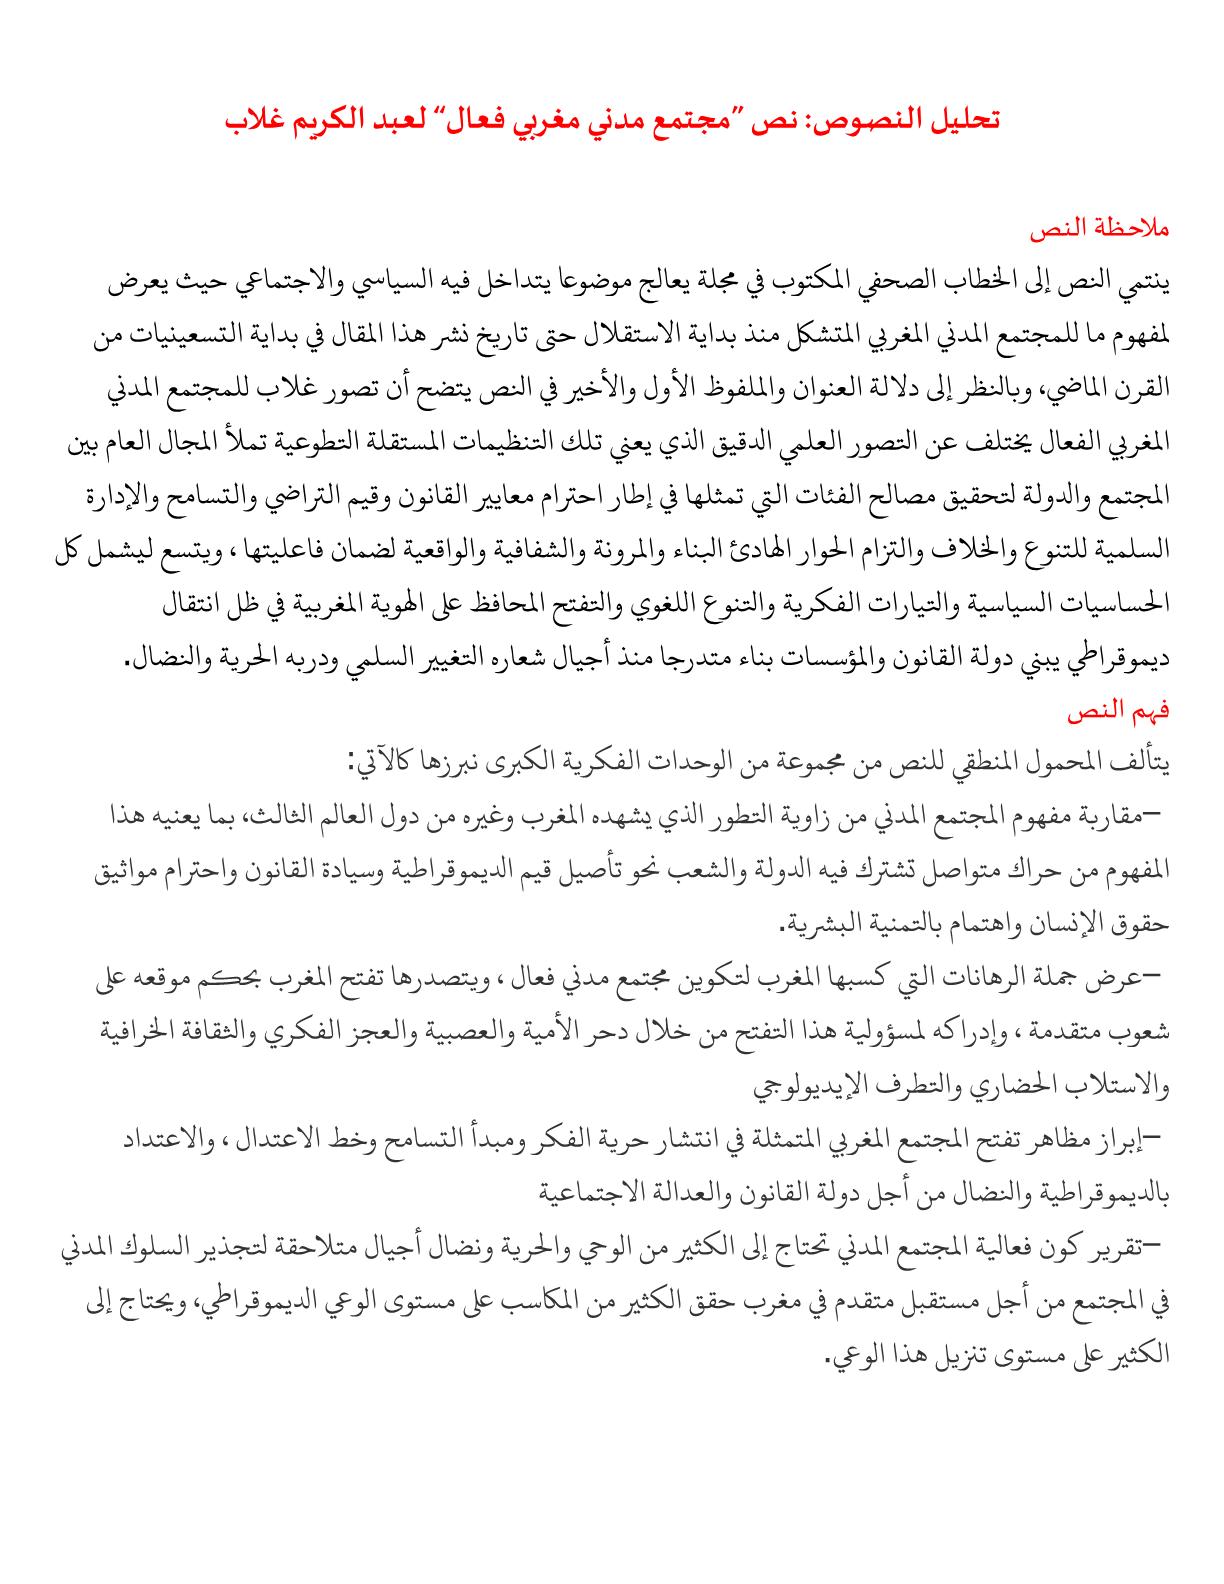 مجتمع مدني فعال في المغرب أولى باك علوم تجريبية